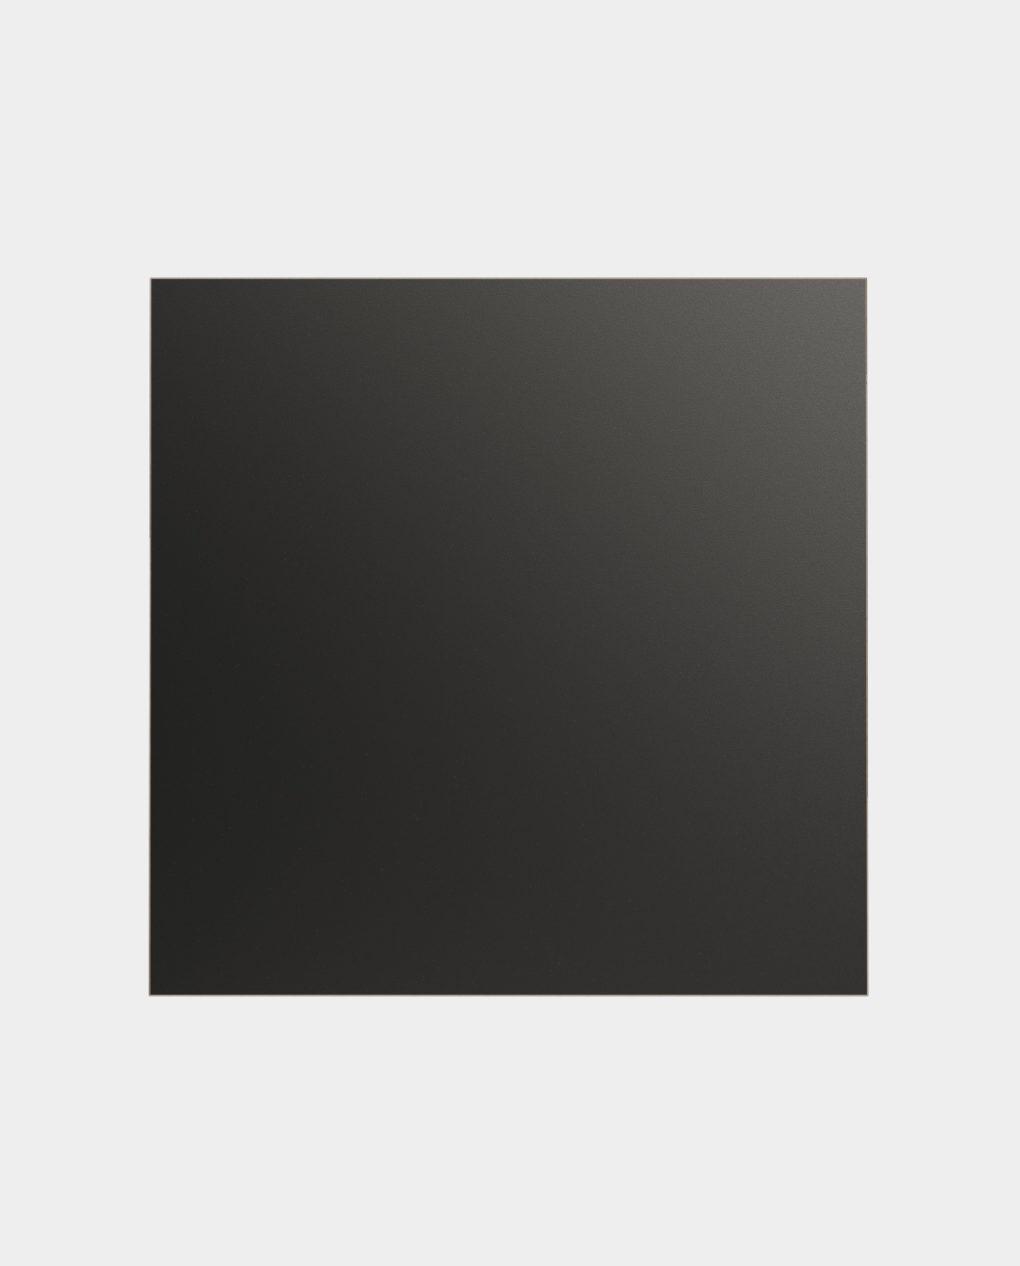 Фанелам стільниці (квадратні)